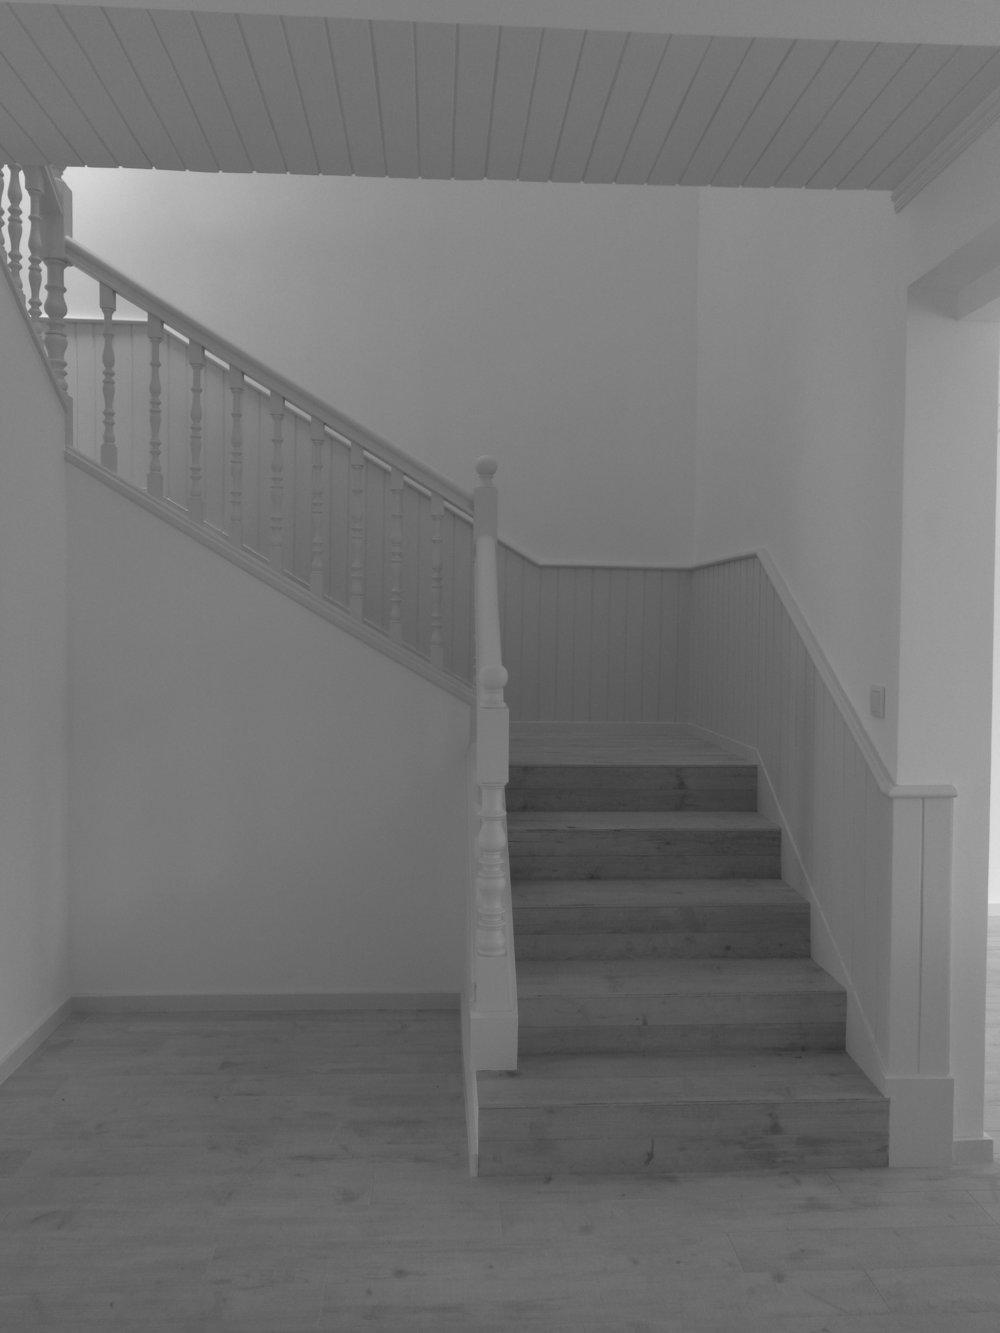 Moradia FG - Construção - Arquitectura - EVA evolutionary architecture - Remodelação - Arquitectos Porto (6).jpg